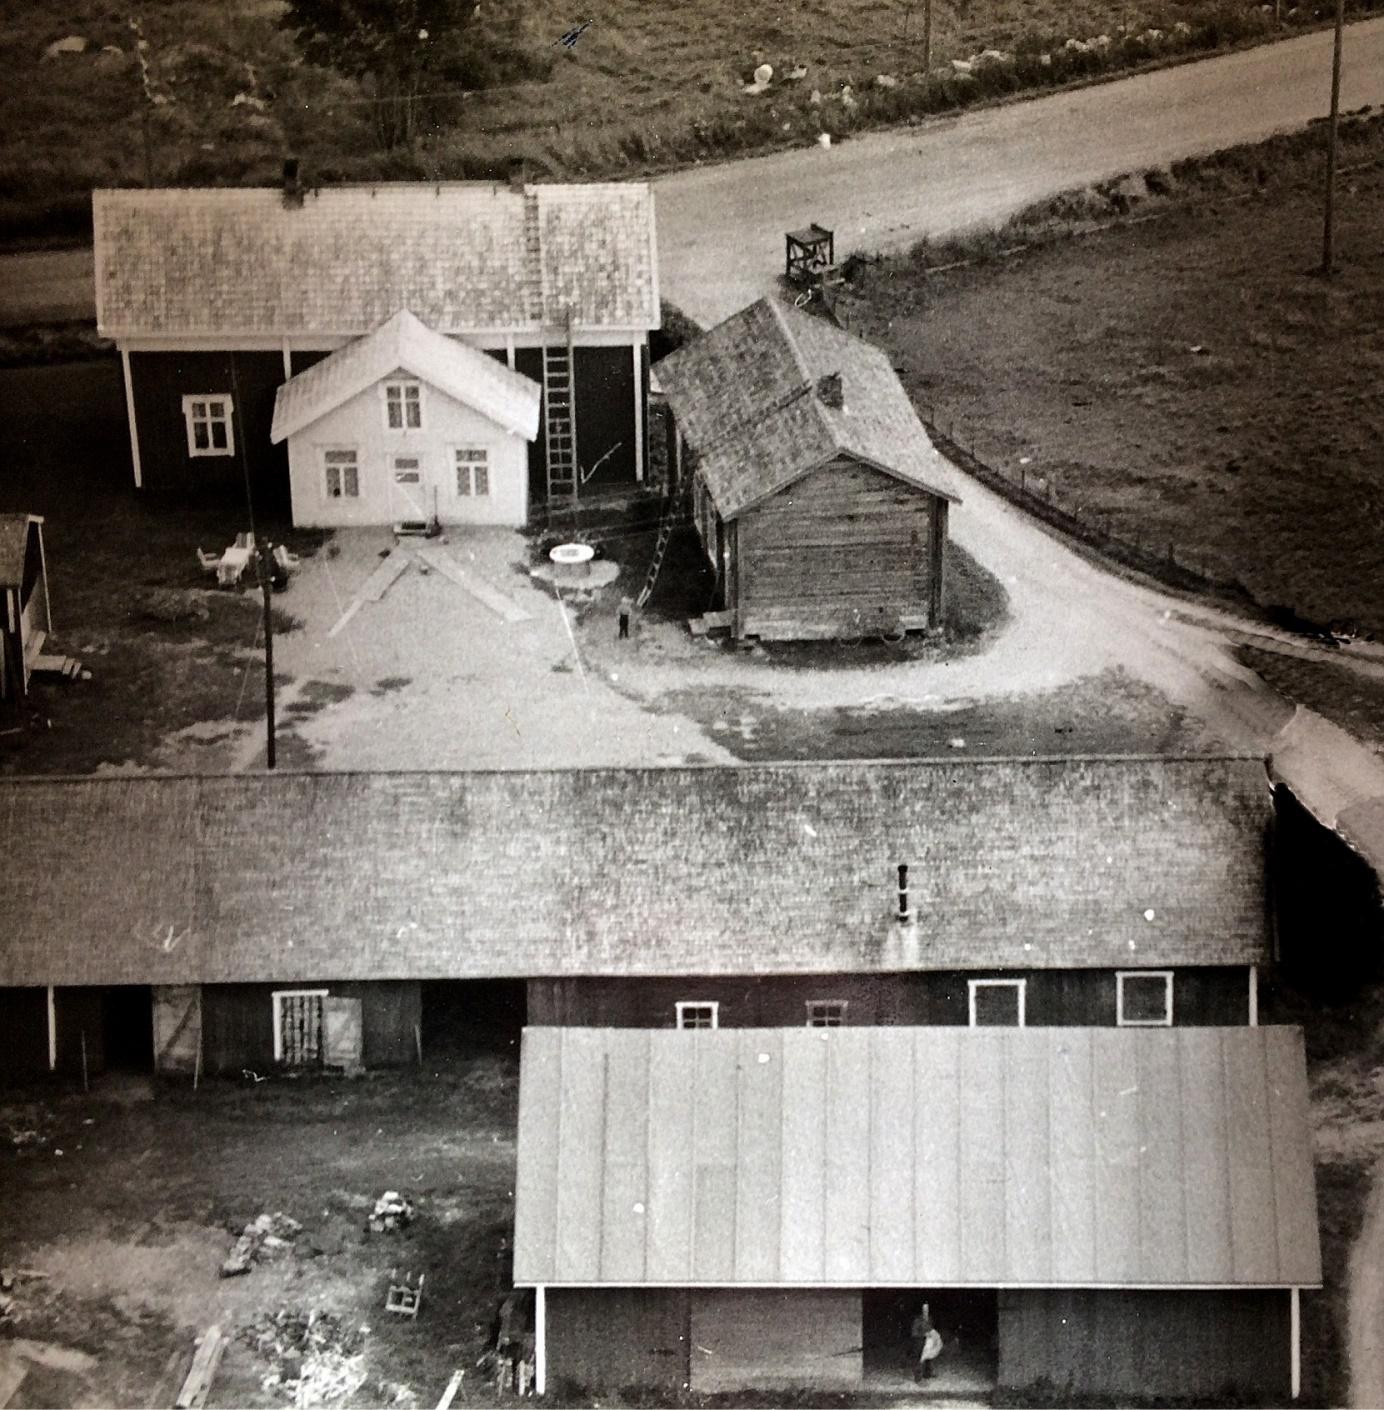 På flygfotot från 1960-talet ser vi hur nära varandra de båda Antas-gårdarna stod. Gården längs med vägen flyttades hit i slutet på 1800-talet men blev bebodd i slutet av 1940-talet. Den äldre gården som stod med gaveln mot vägen revs på 1970-talet av Arvid Dahlroos.